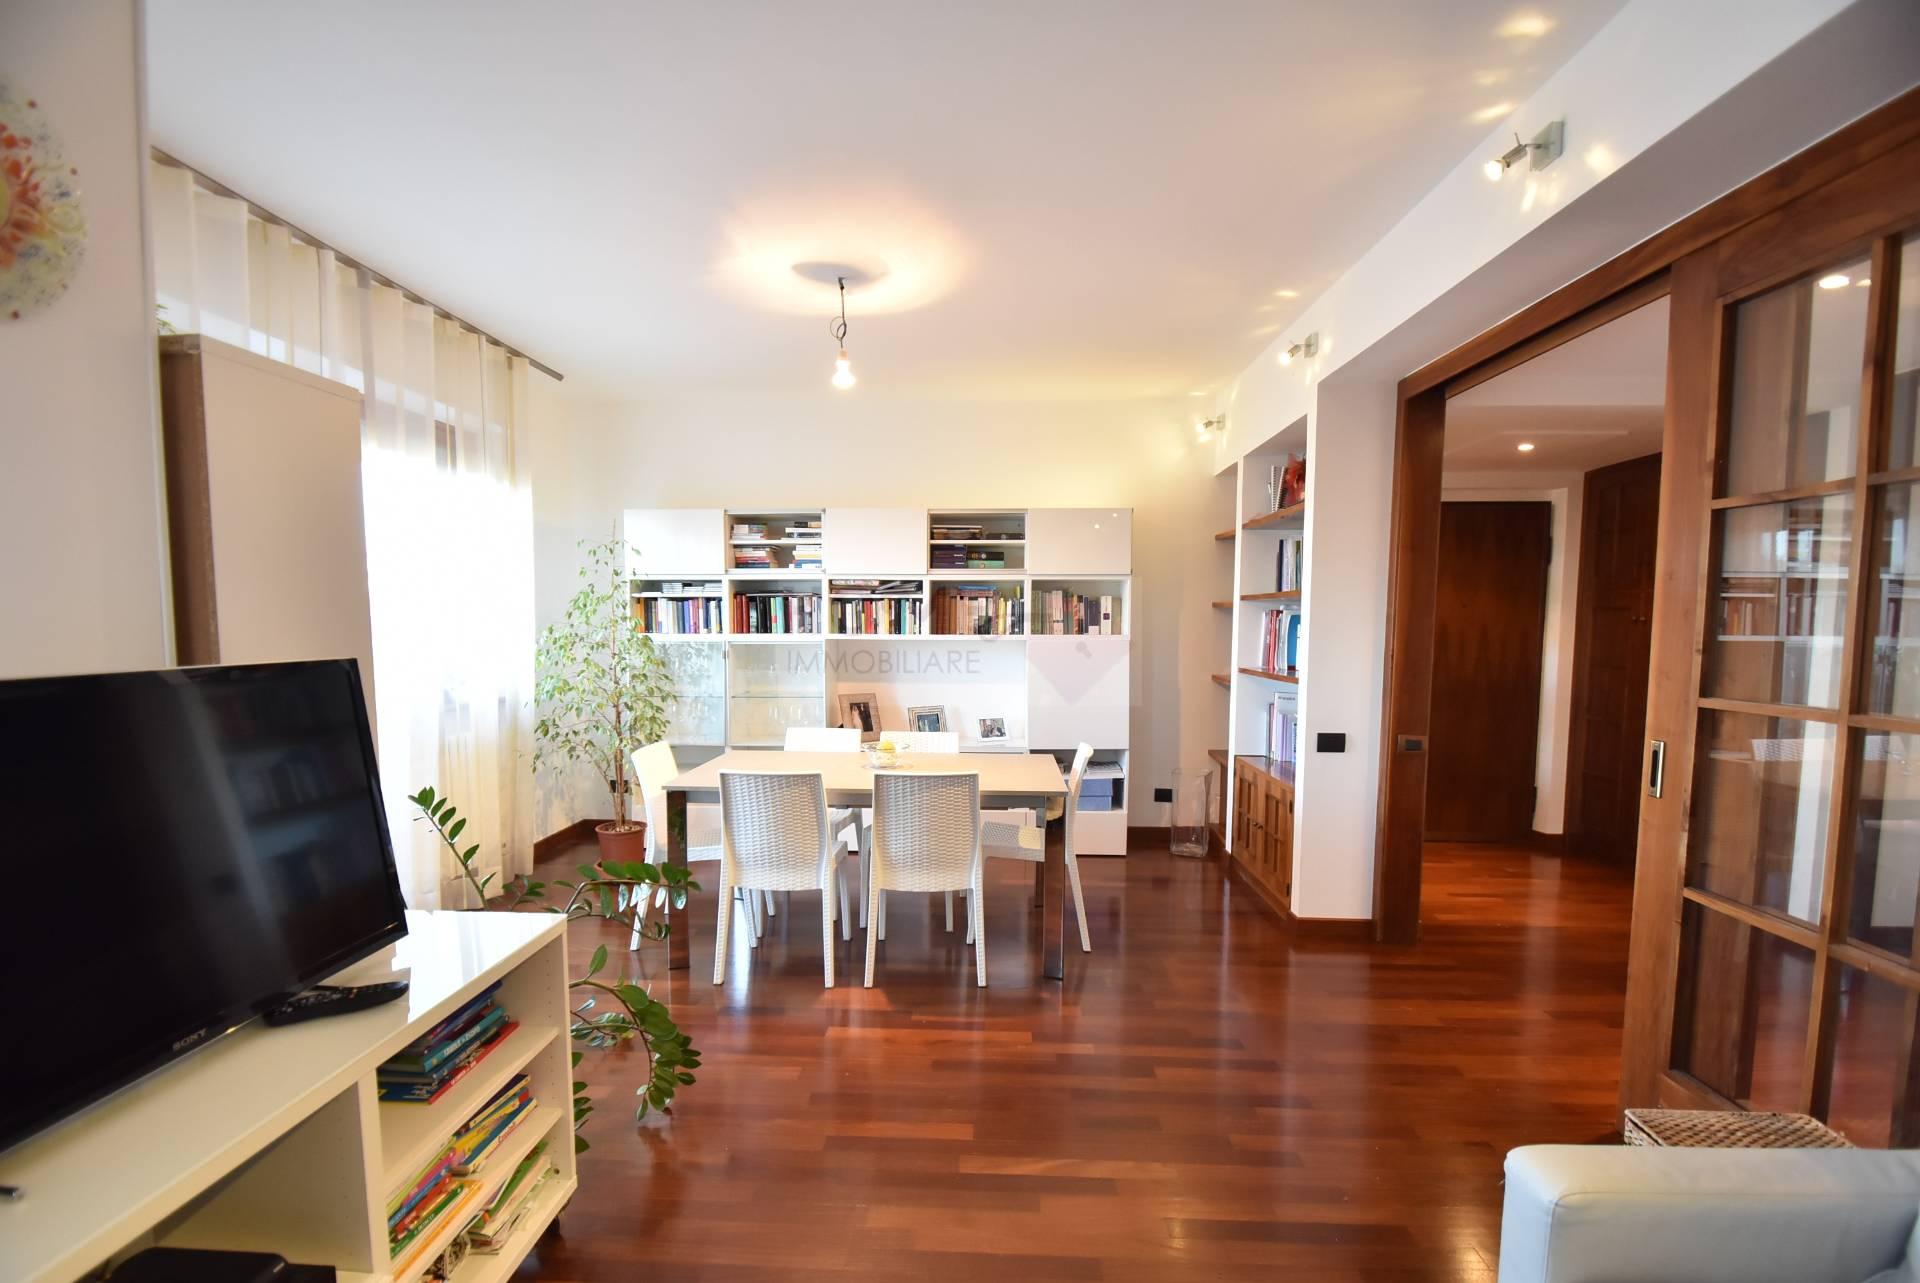 Annunci immobiliari di vendita a macerata for Annunci immobiliari